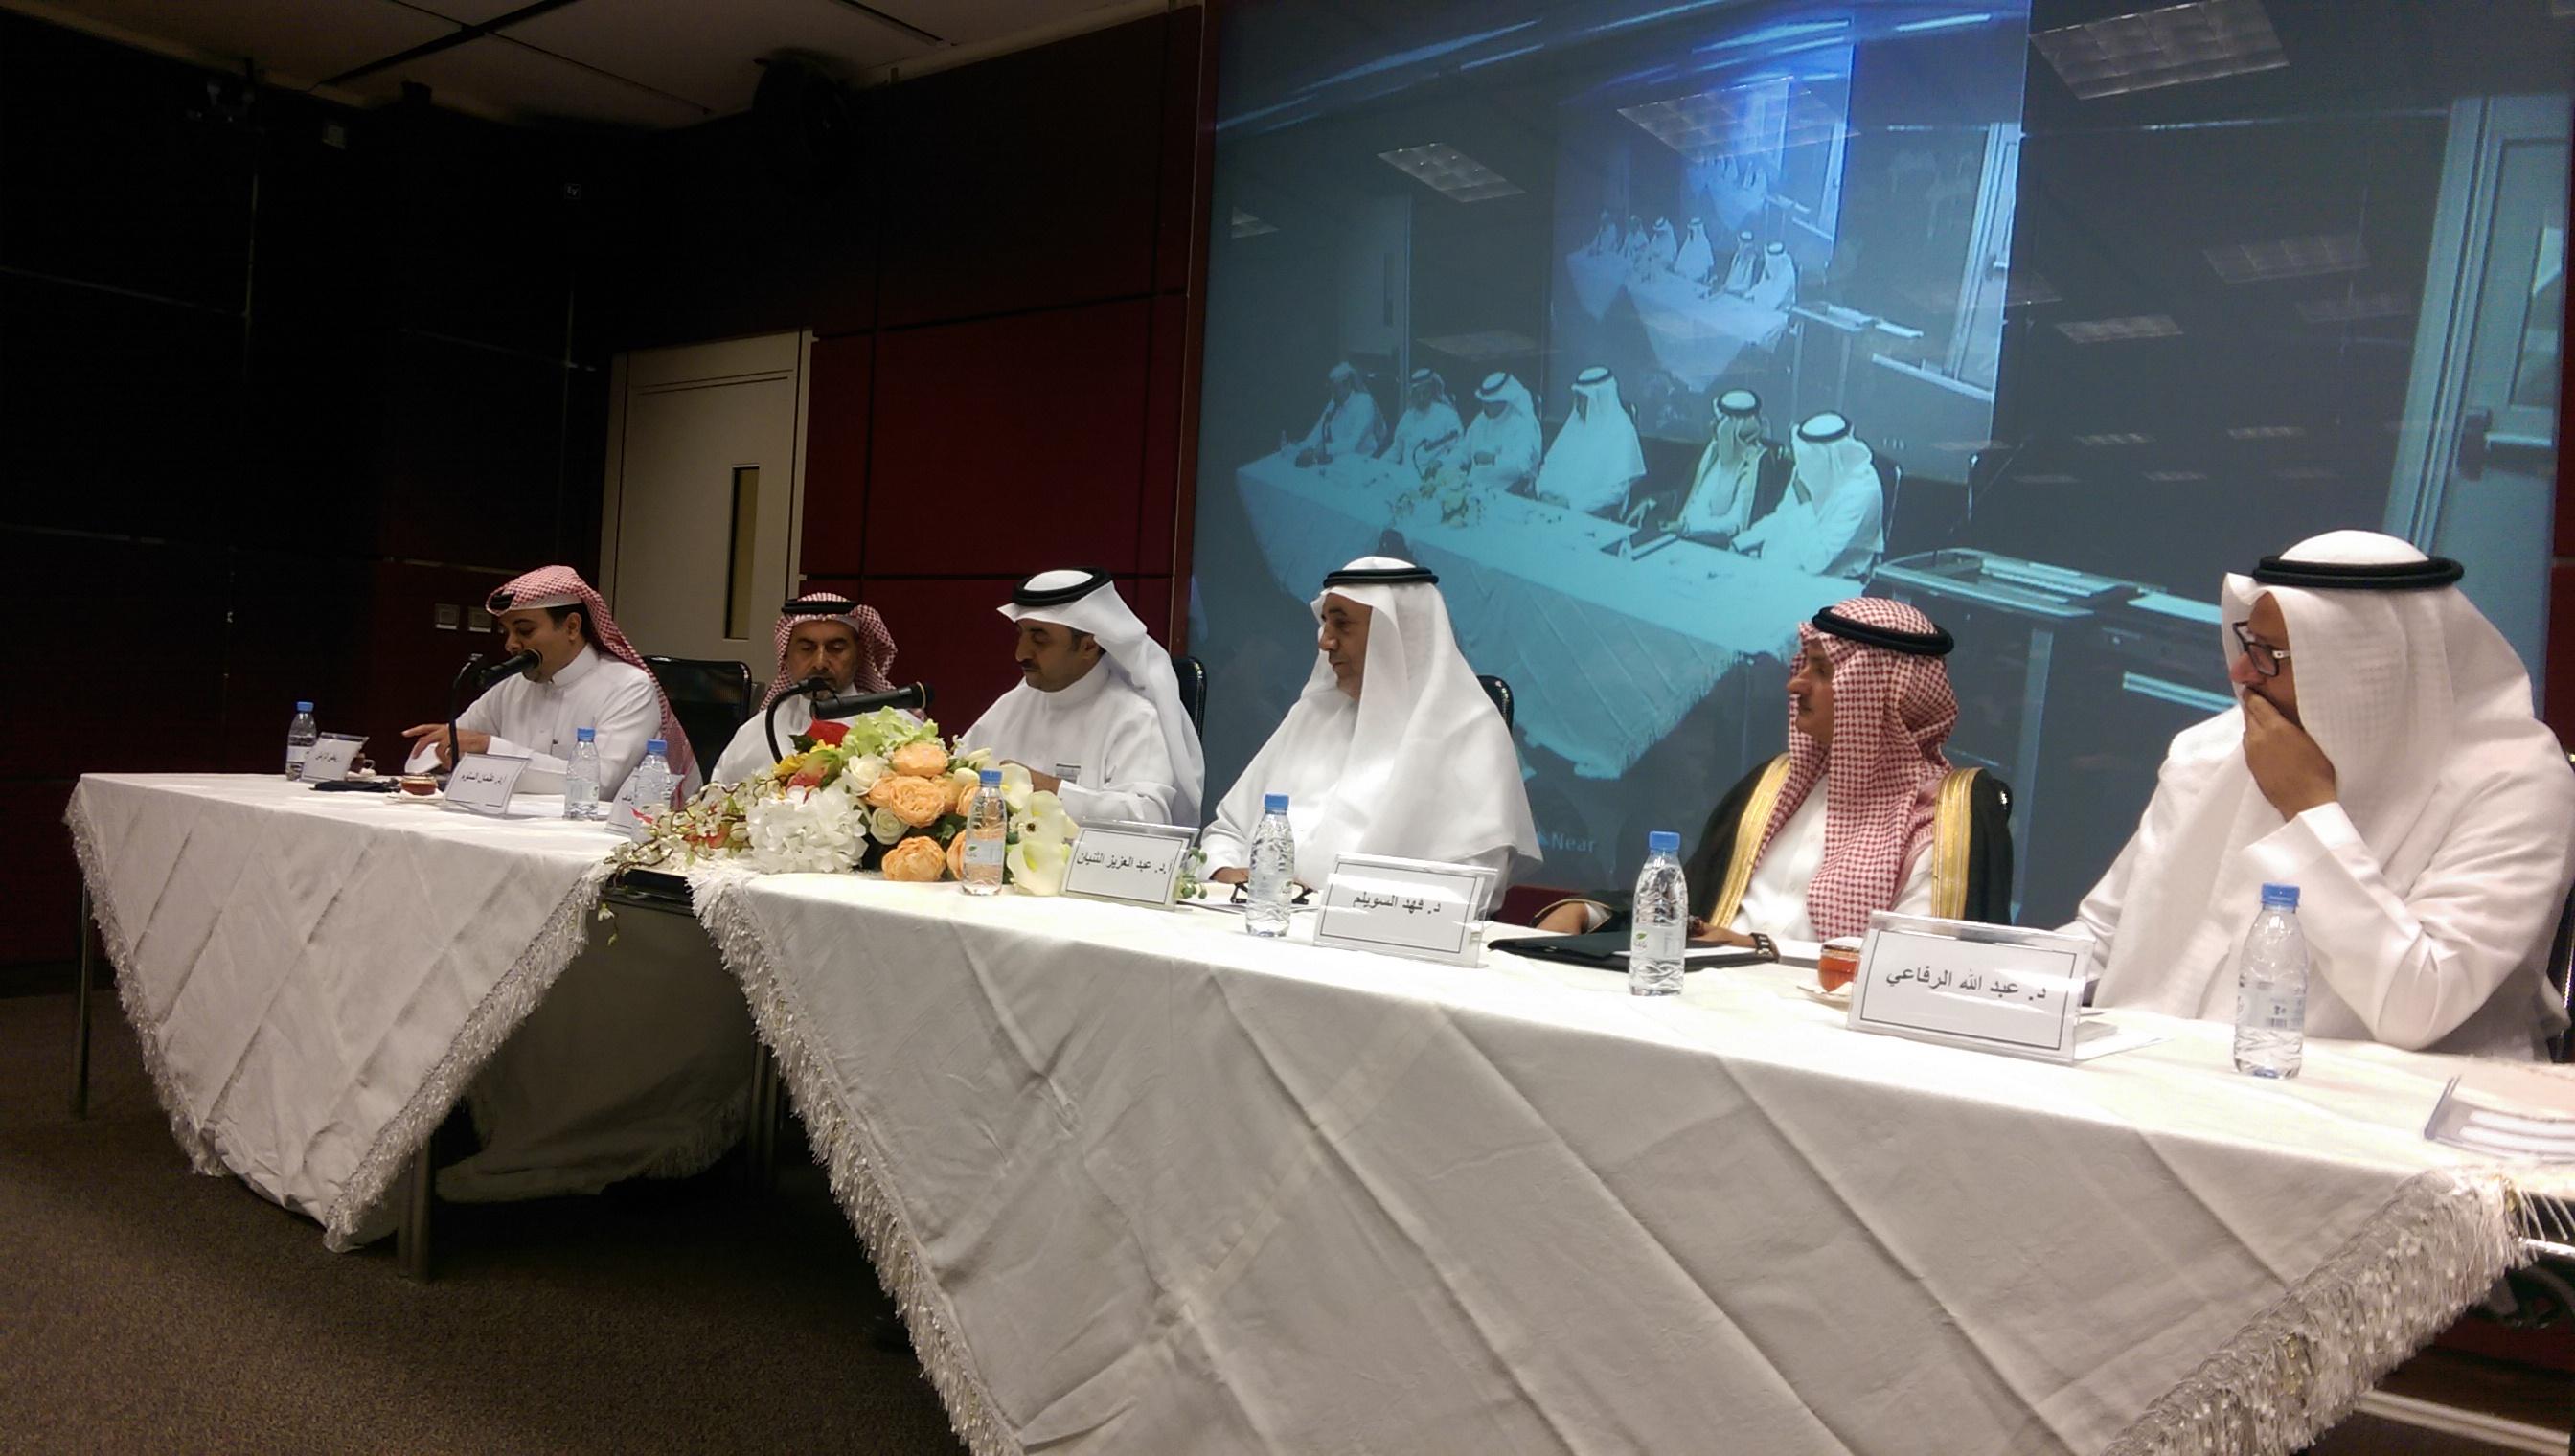 """جلسة حوارية بعنوان """"دعم الطاقات الابداعية"""" ضمن فعاليات مسابقة (طموح ملك لمستقبل وطن)"""